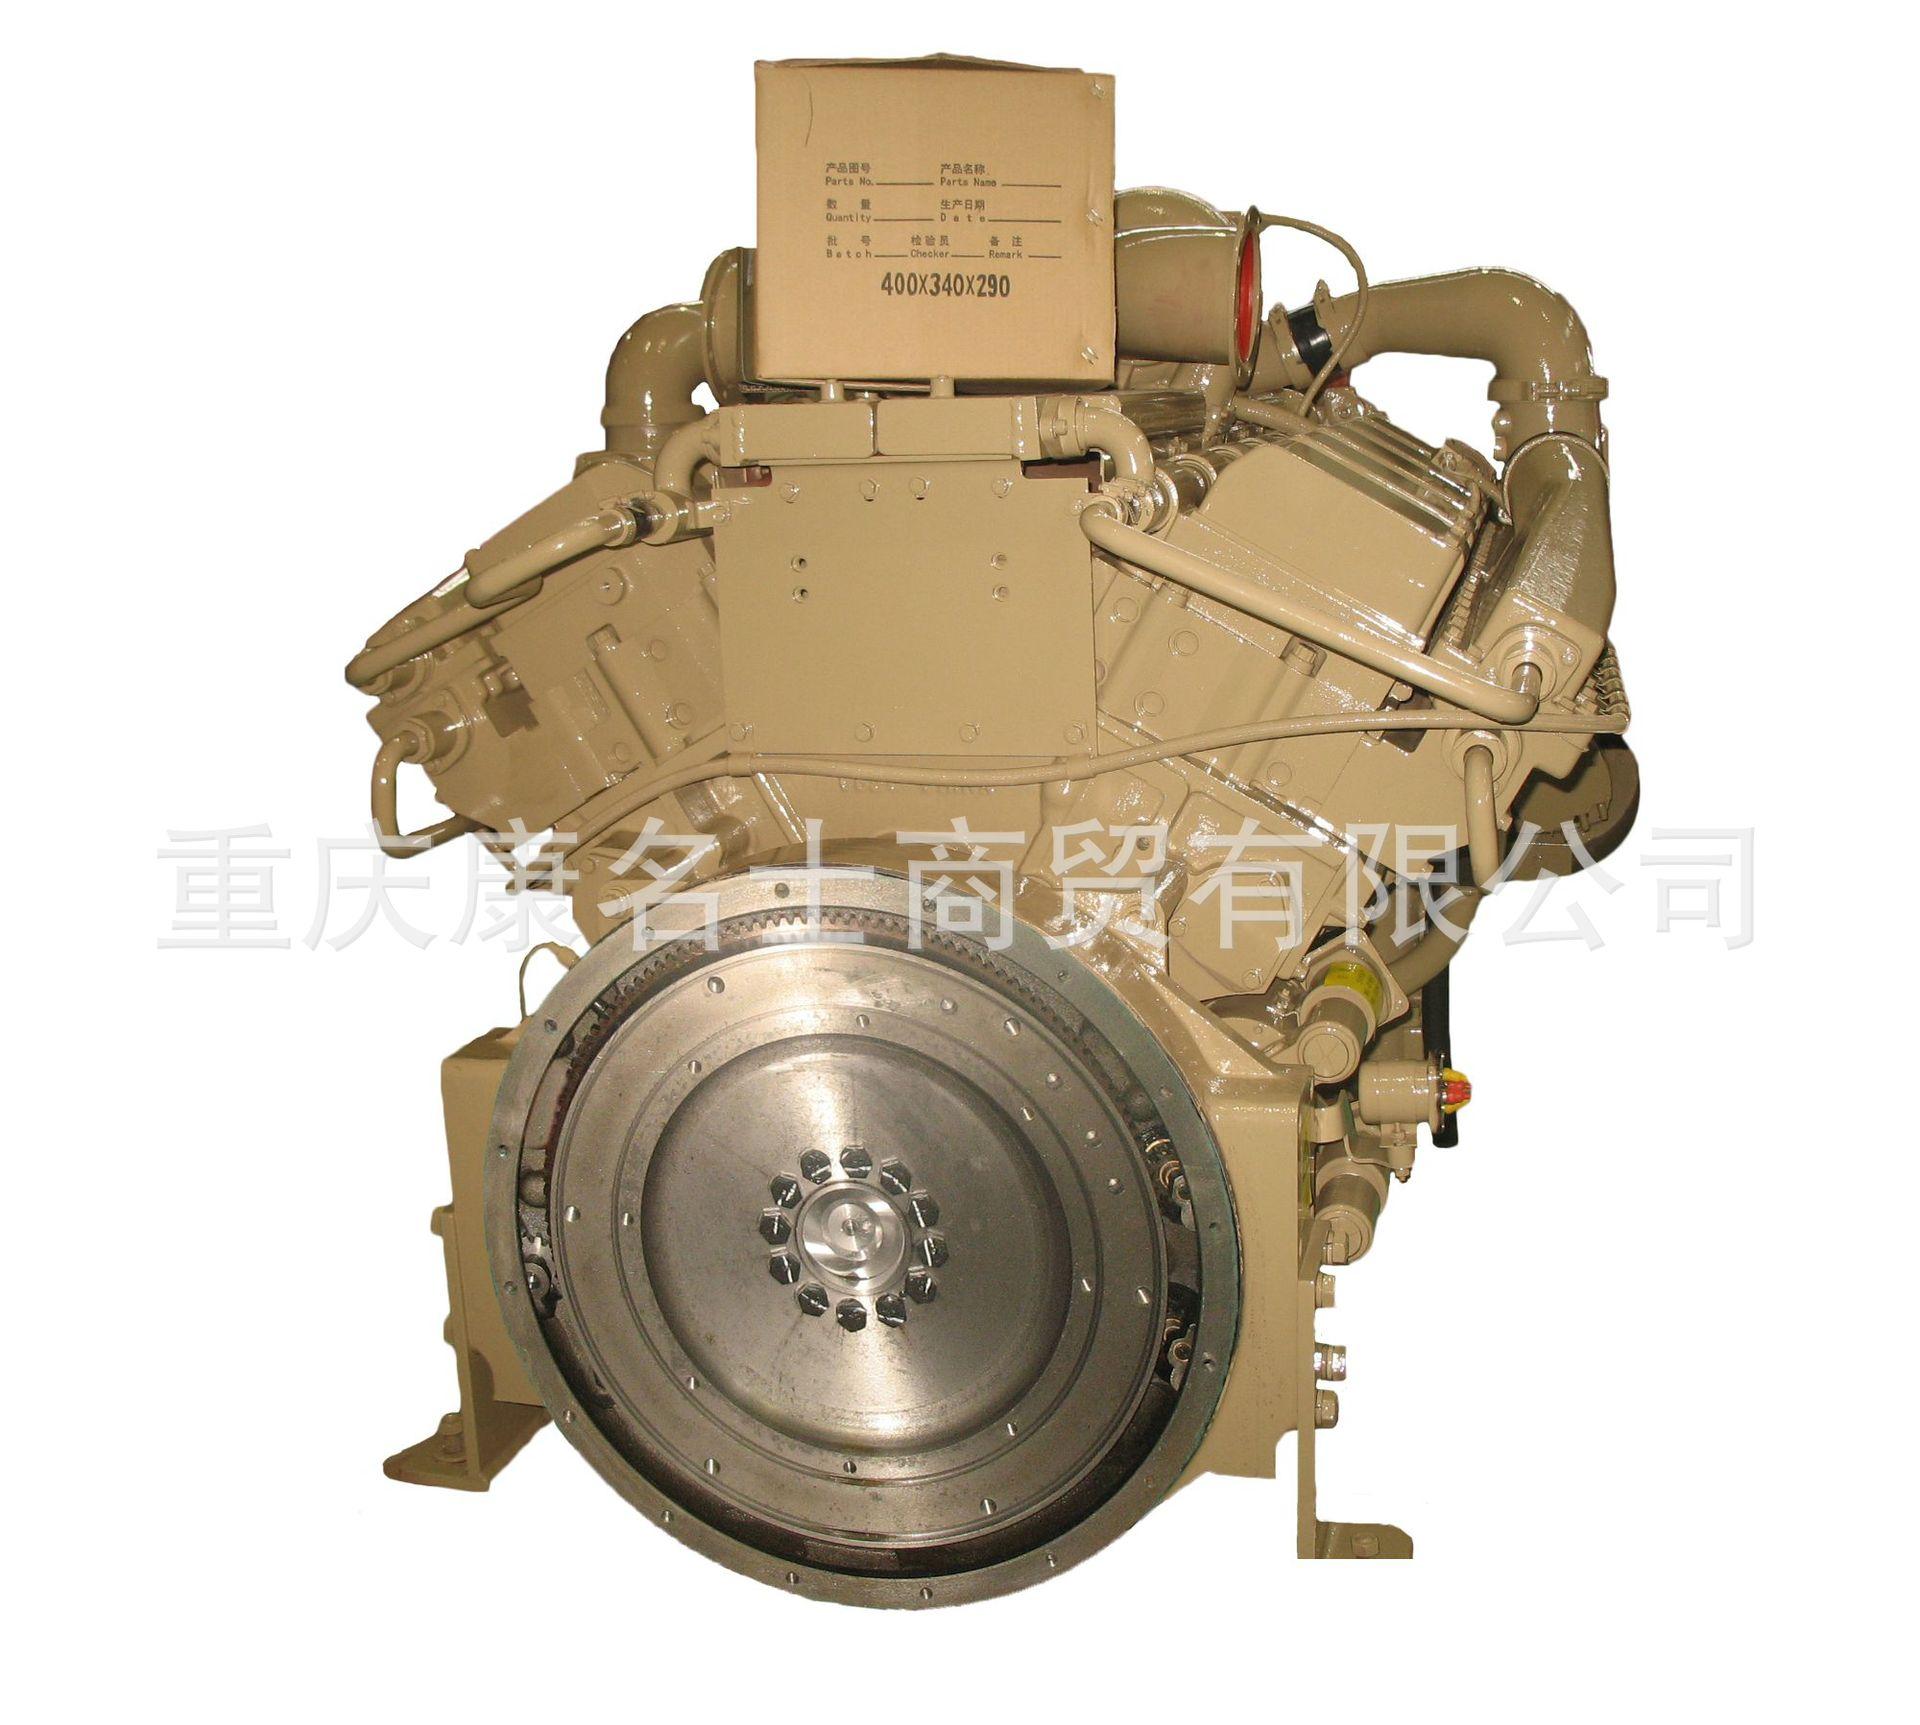 3201915康明斯风扇轮毂KT-19-C(450)发动机配件厂价优惠